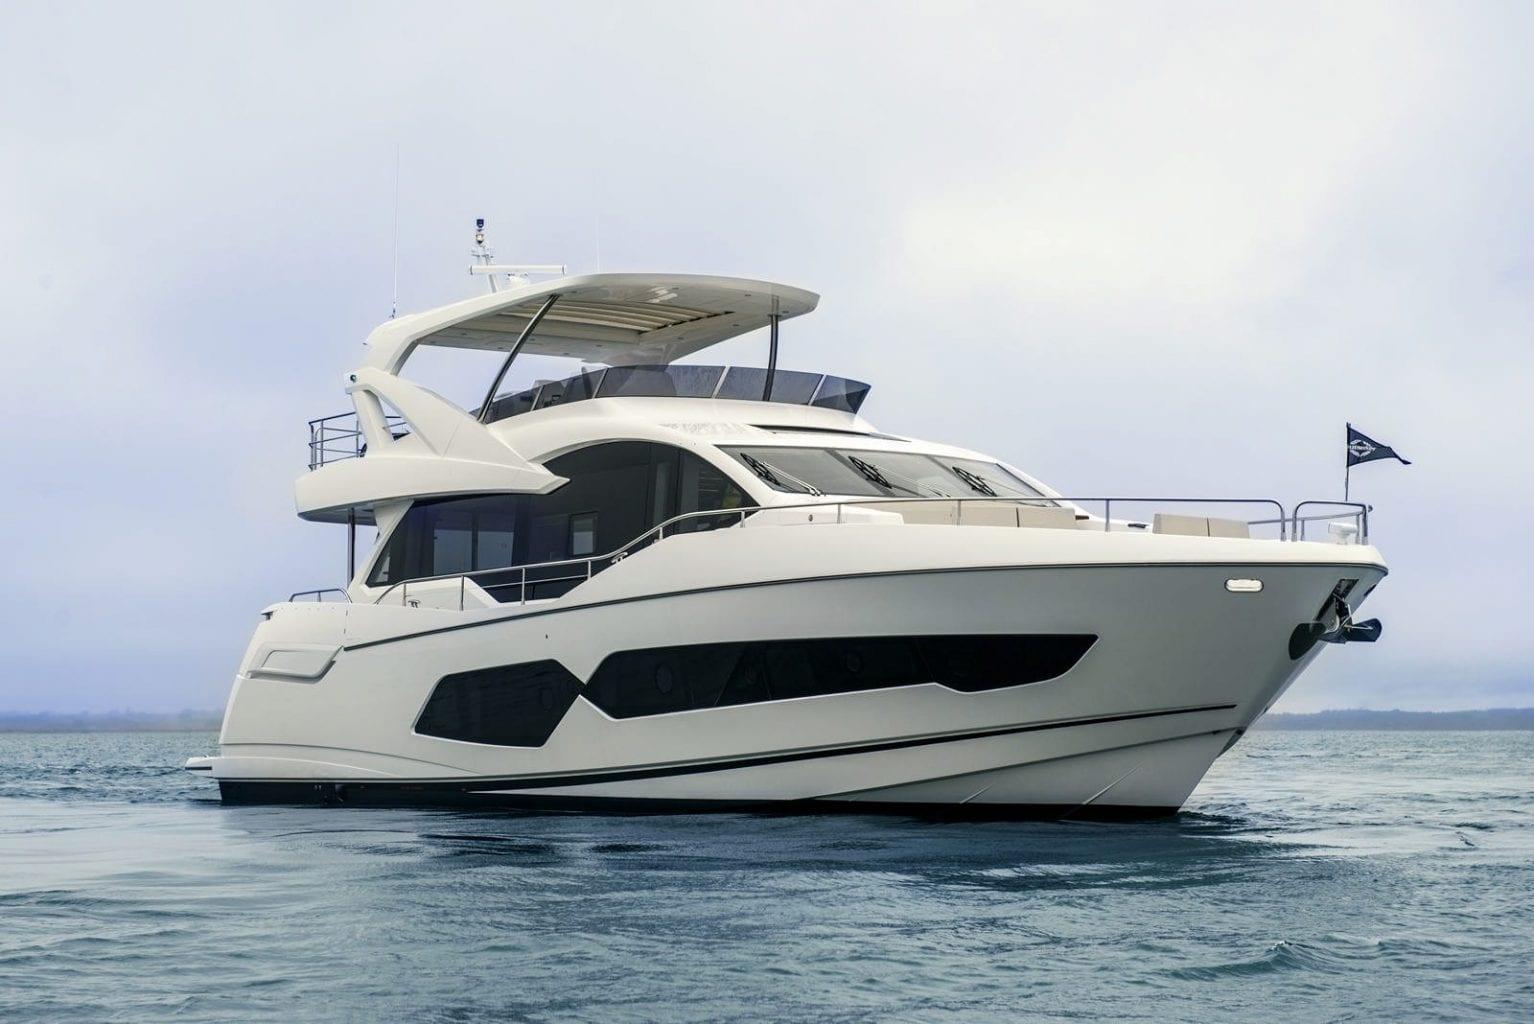 יאכטה Sunseeker Yacht 76 - יאכטה Sunseeker Yacht 76 - סטרים יאכטות